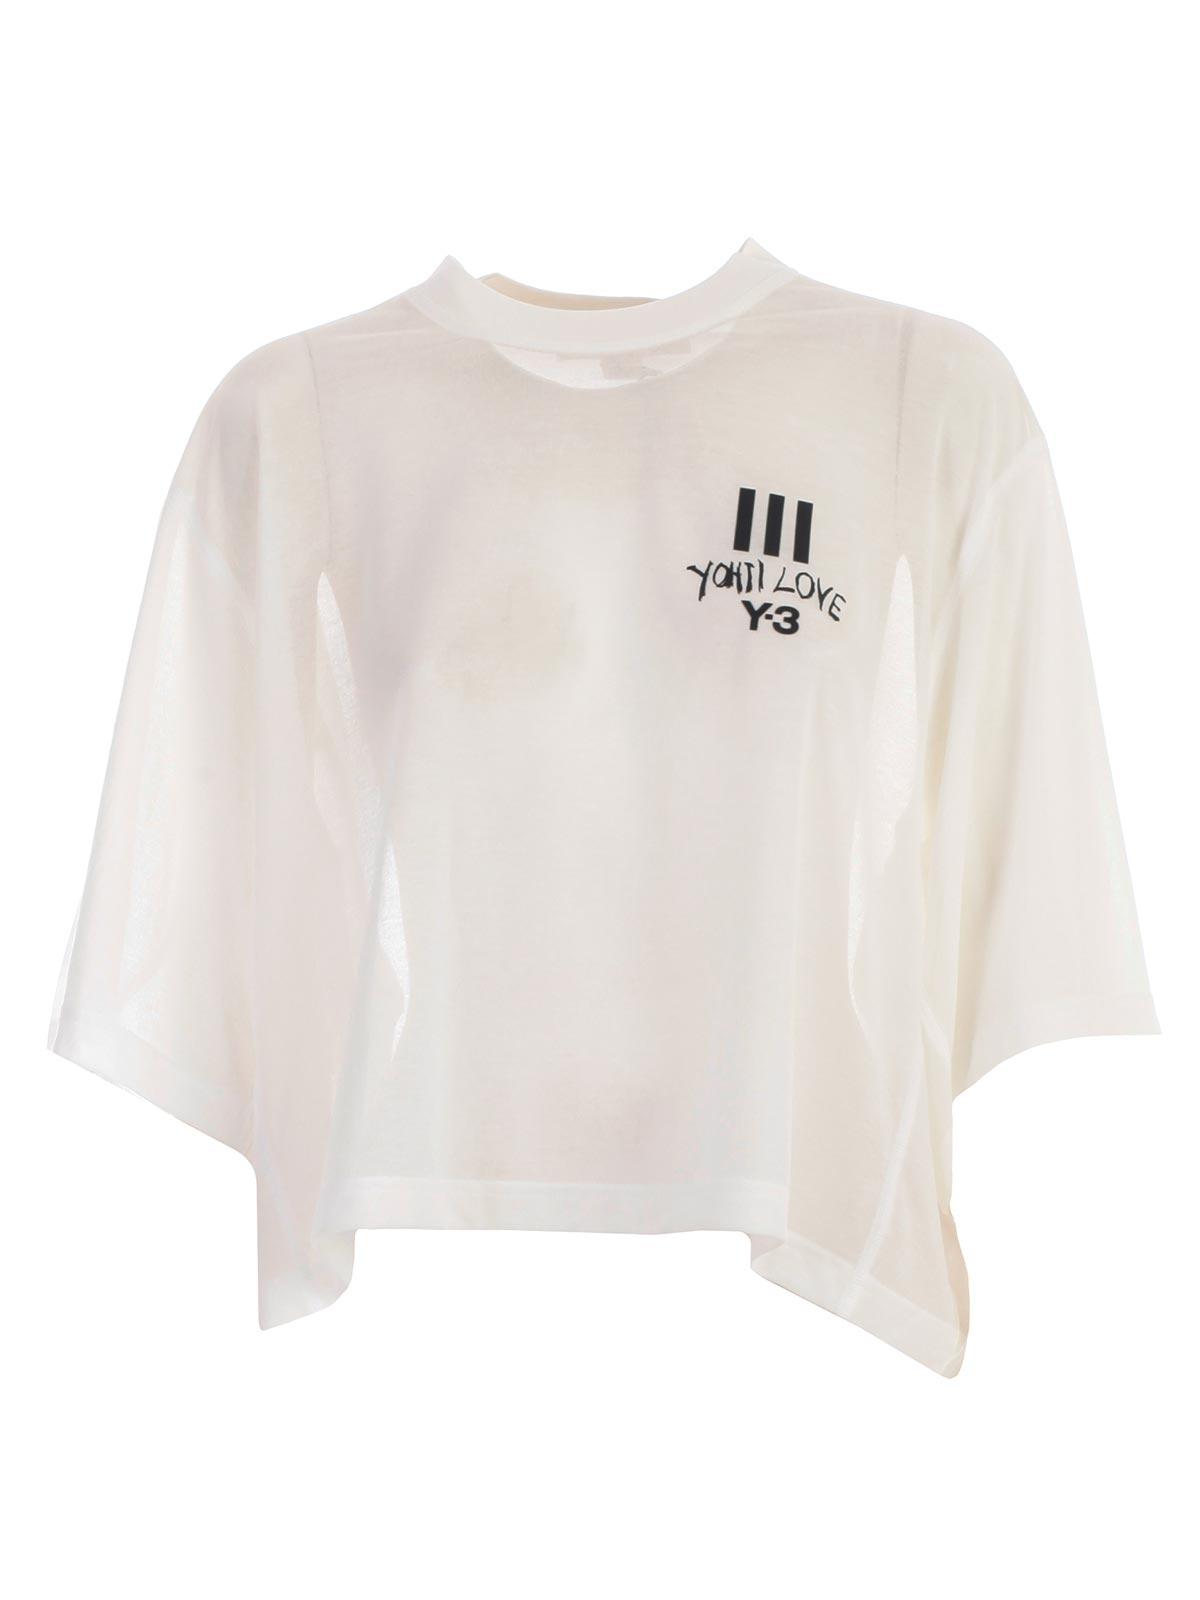 Yamamoto 3 Dy7223 Shirt Adidas Y Yohji White T Core Bernardelli OvRUq4xBW